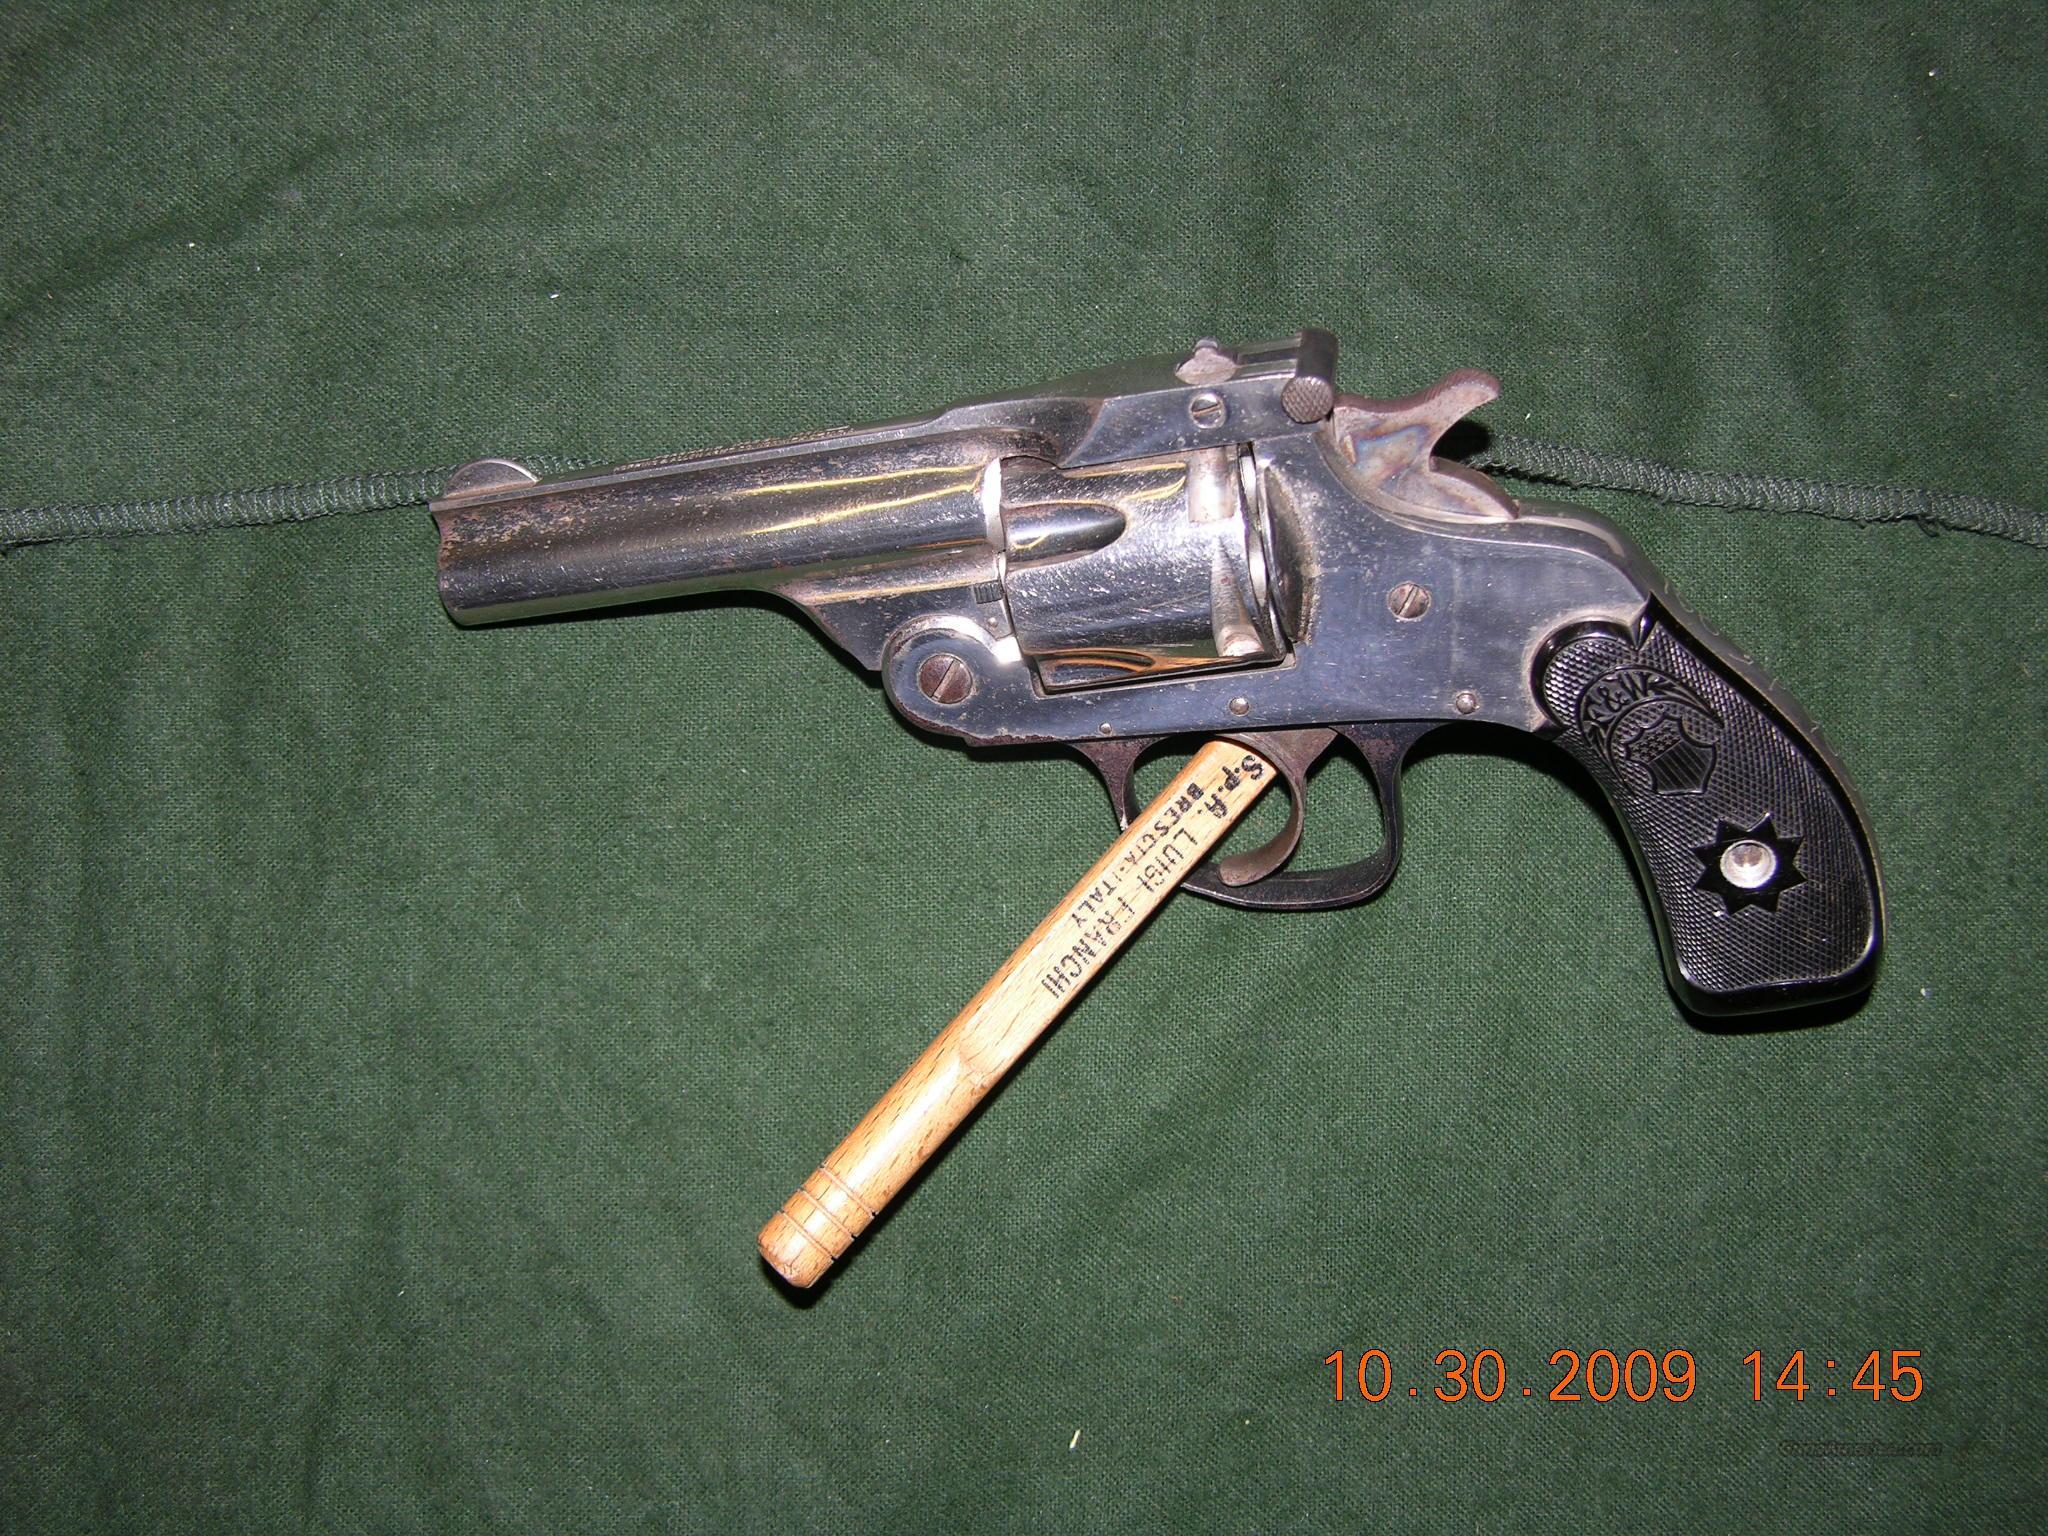 Hopkins amp allen forehand model 1901 38 s amp w guns gt pistols gt hopkins